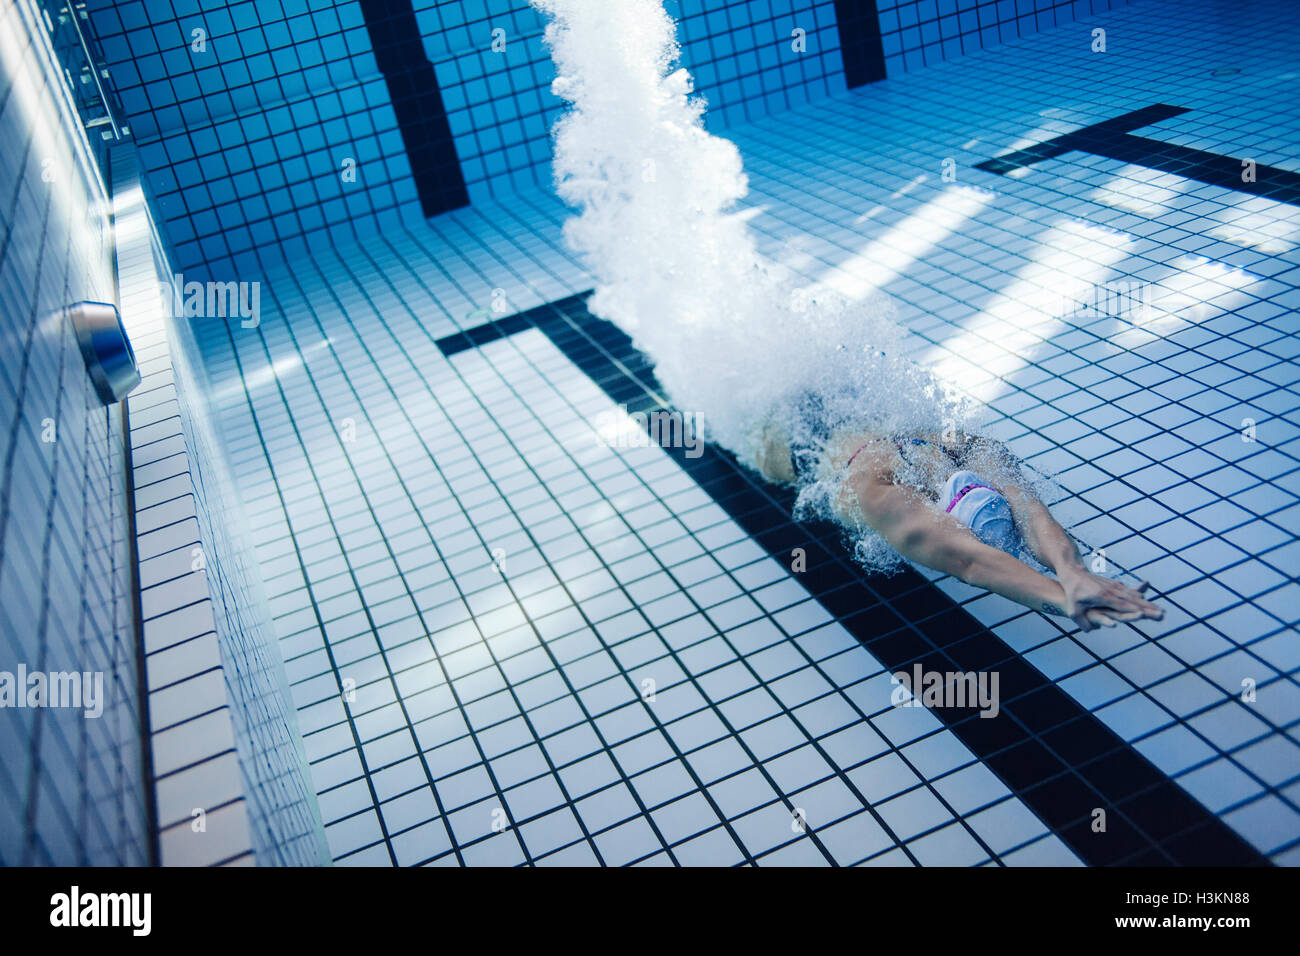 Riprese subacquee del nuotatore femminile nuoto nella piscina. Montare il giovane femmina nuotatore formazione in Immagini Stock